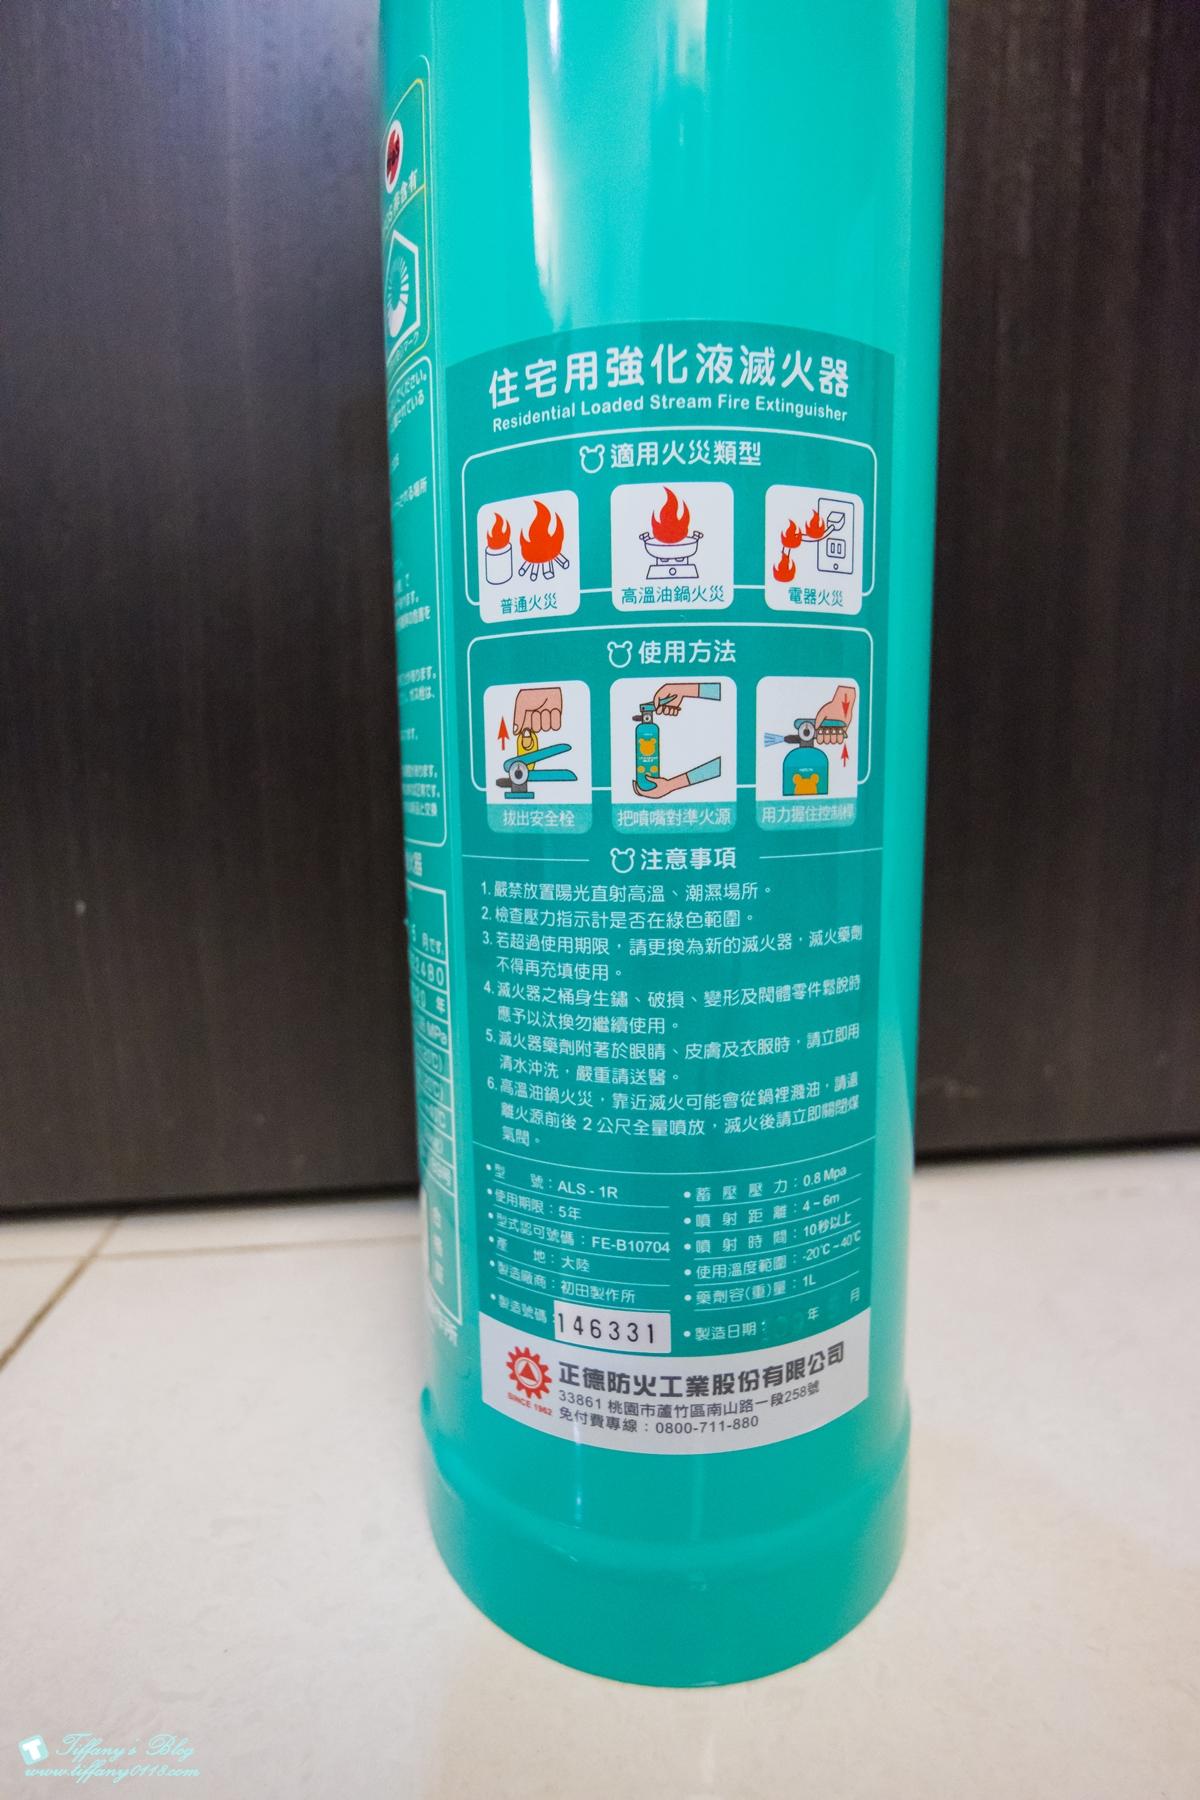 [團購]正德滅火器/KUMA熊居家型滅火器/7大獨家特色,一罐消滅家的大小危機